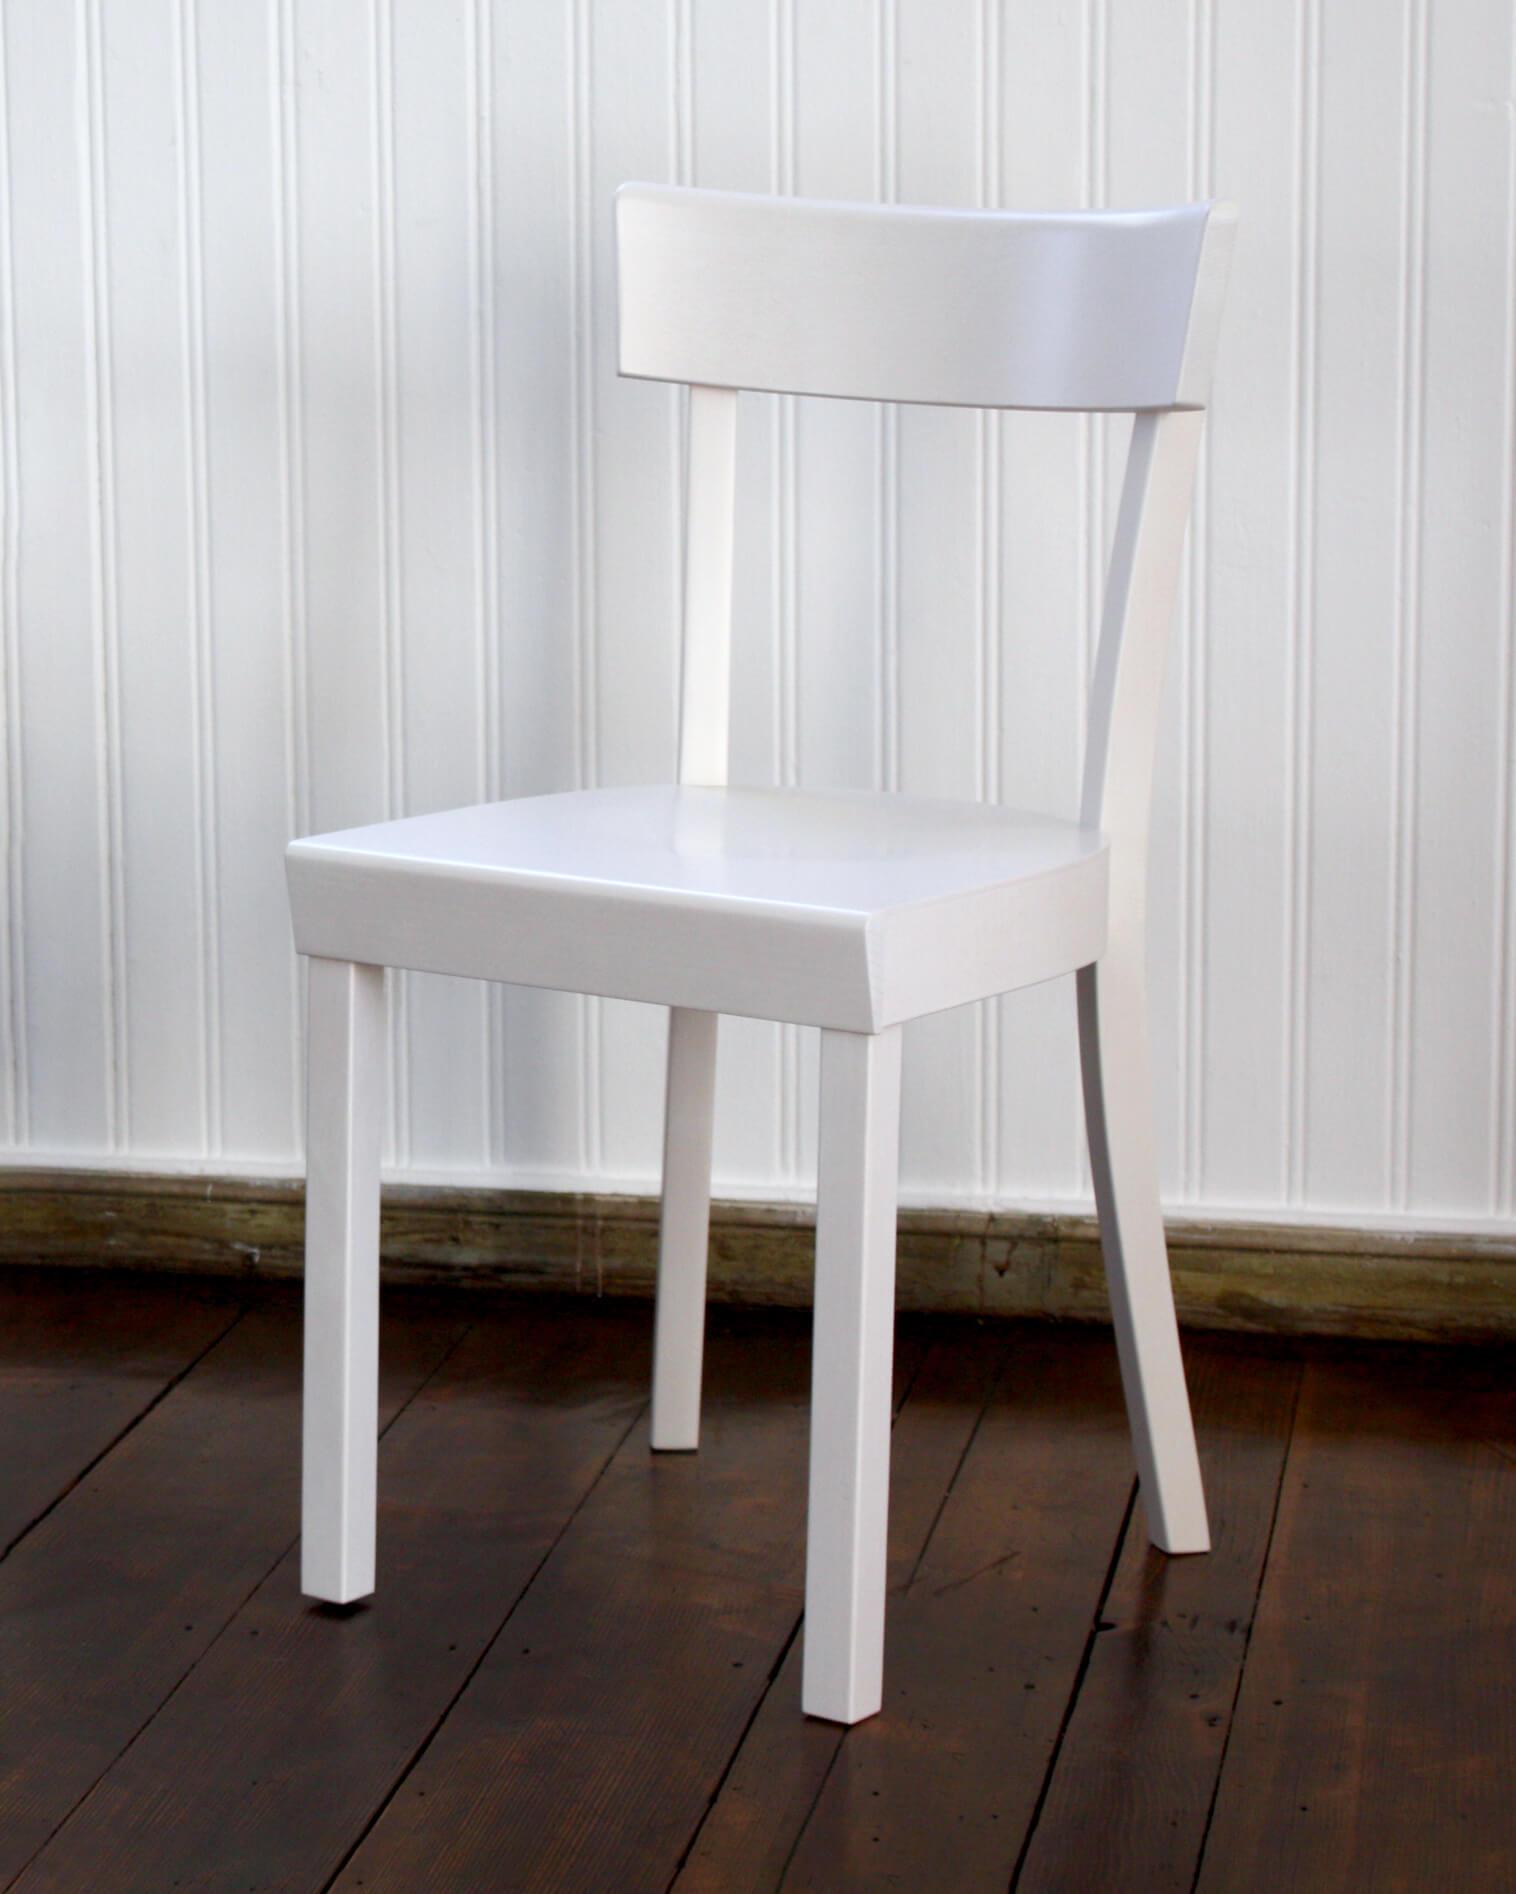 preise und spezifikationen des frankfurter stuhls. Black Bedroom Furniture Sets. Home Design Ideas